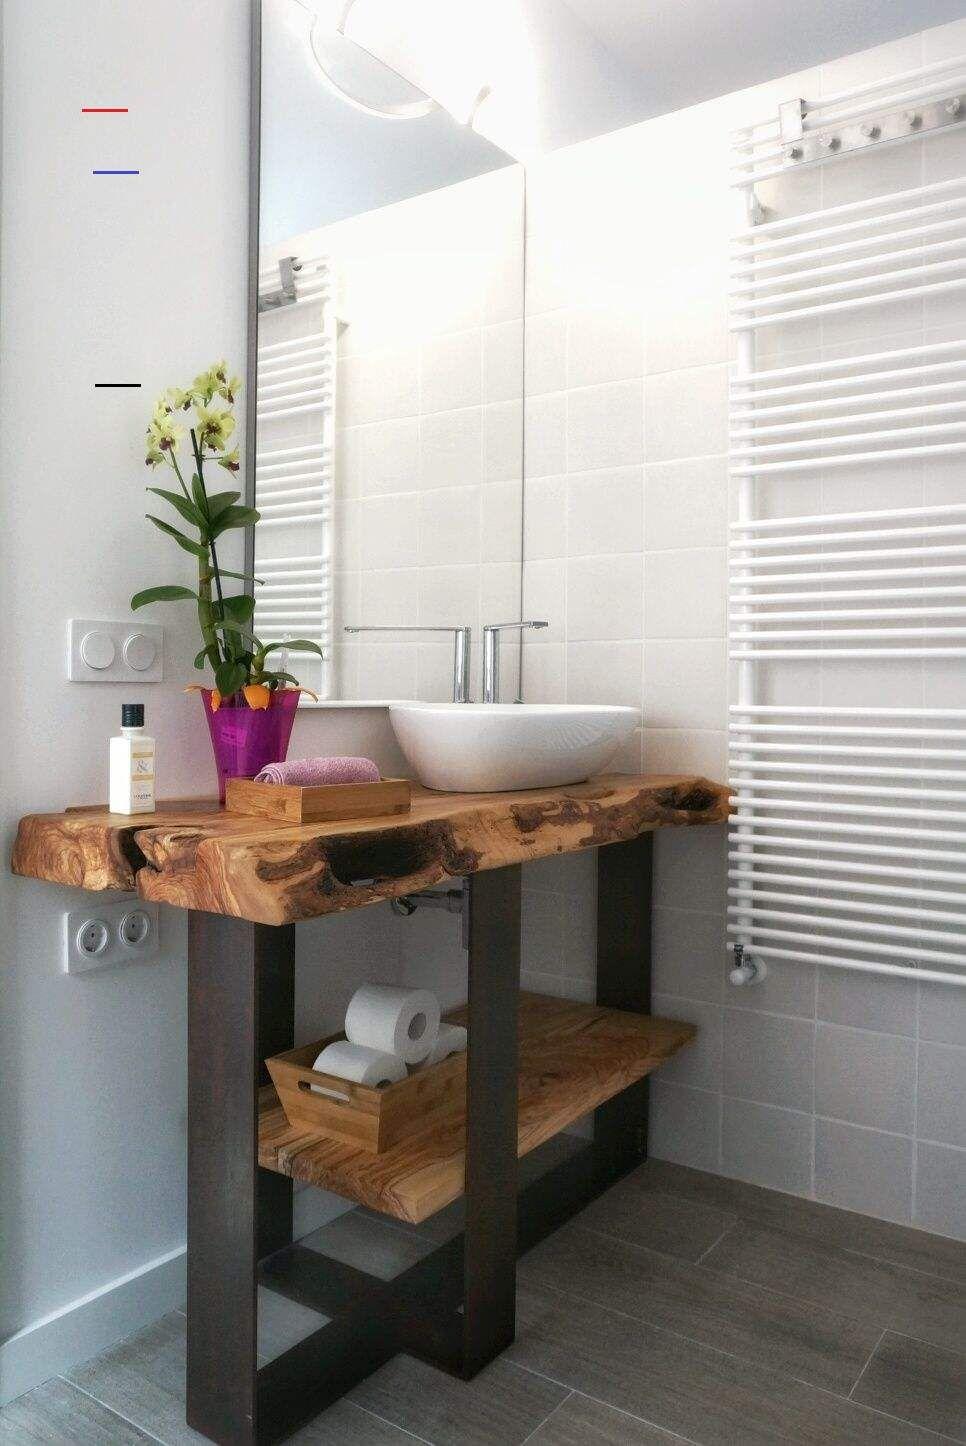 Pin Von Kristina Gorshcharuk Auf Bathroom In 2020 Badezimmer Badezimmer Innenausstattung Badezimmer Rustikal